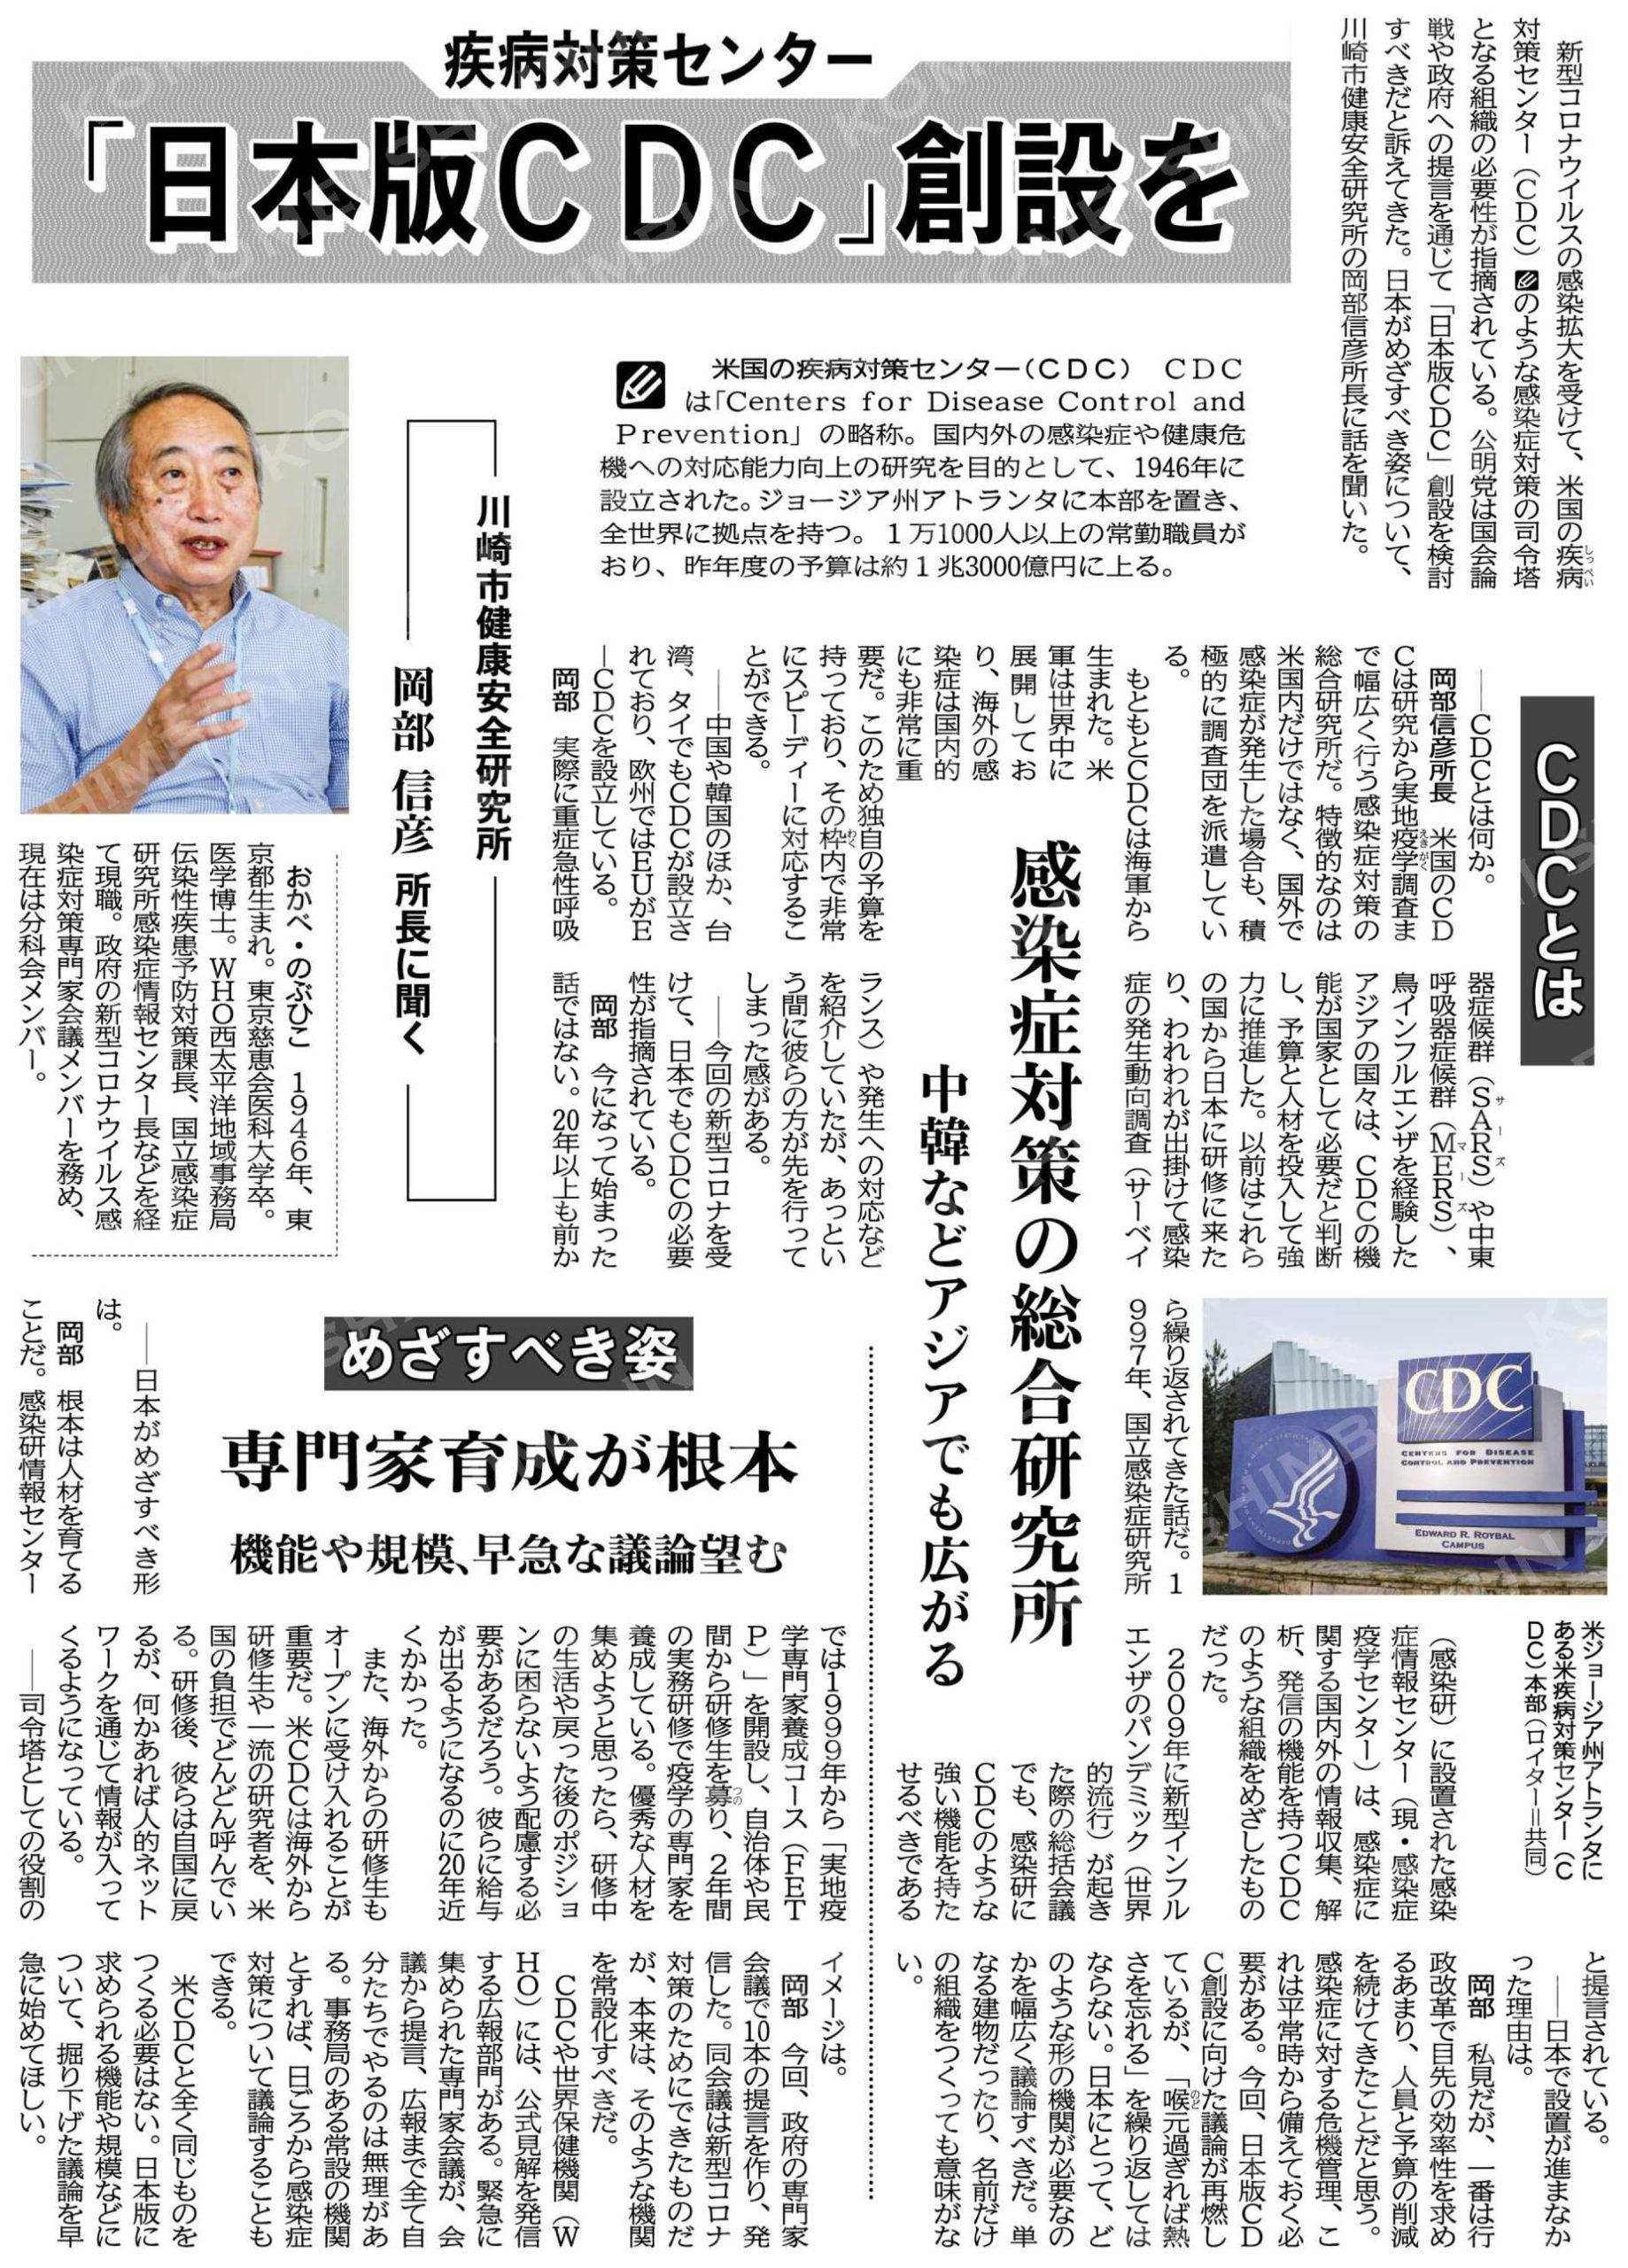 「日本版CDC(疾病対策センター)」創設を/川崎市健康安全研究所 岡部信彦所長に聞く